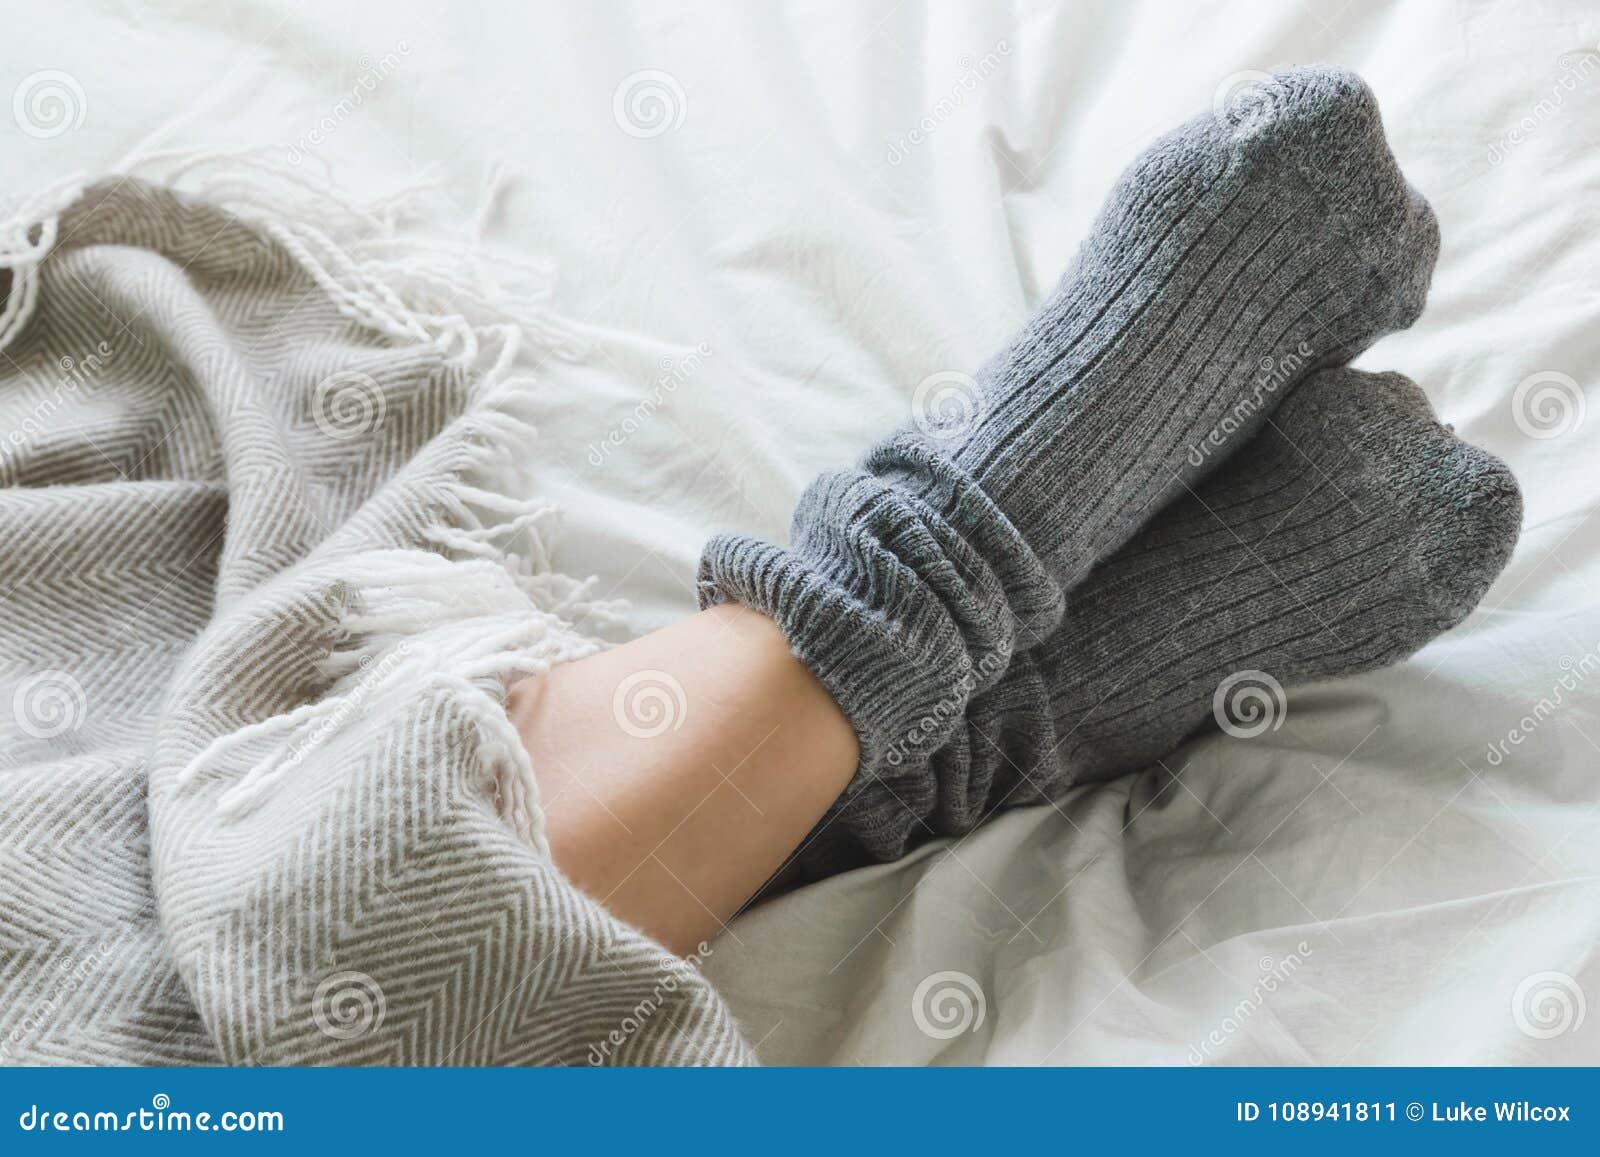 Voeten met grijze sokken op bed onder deken worden gekruist die